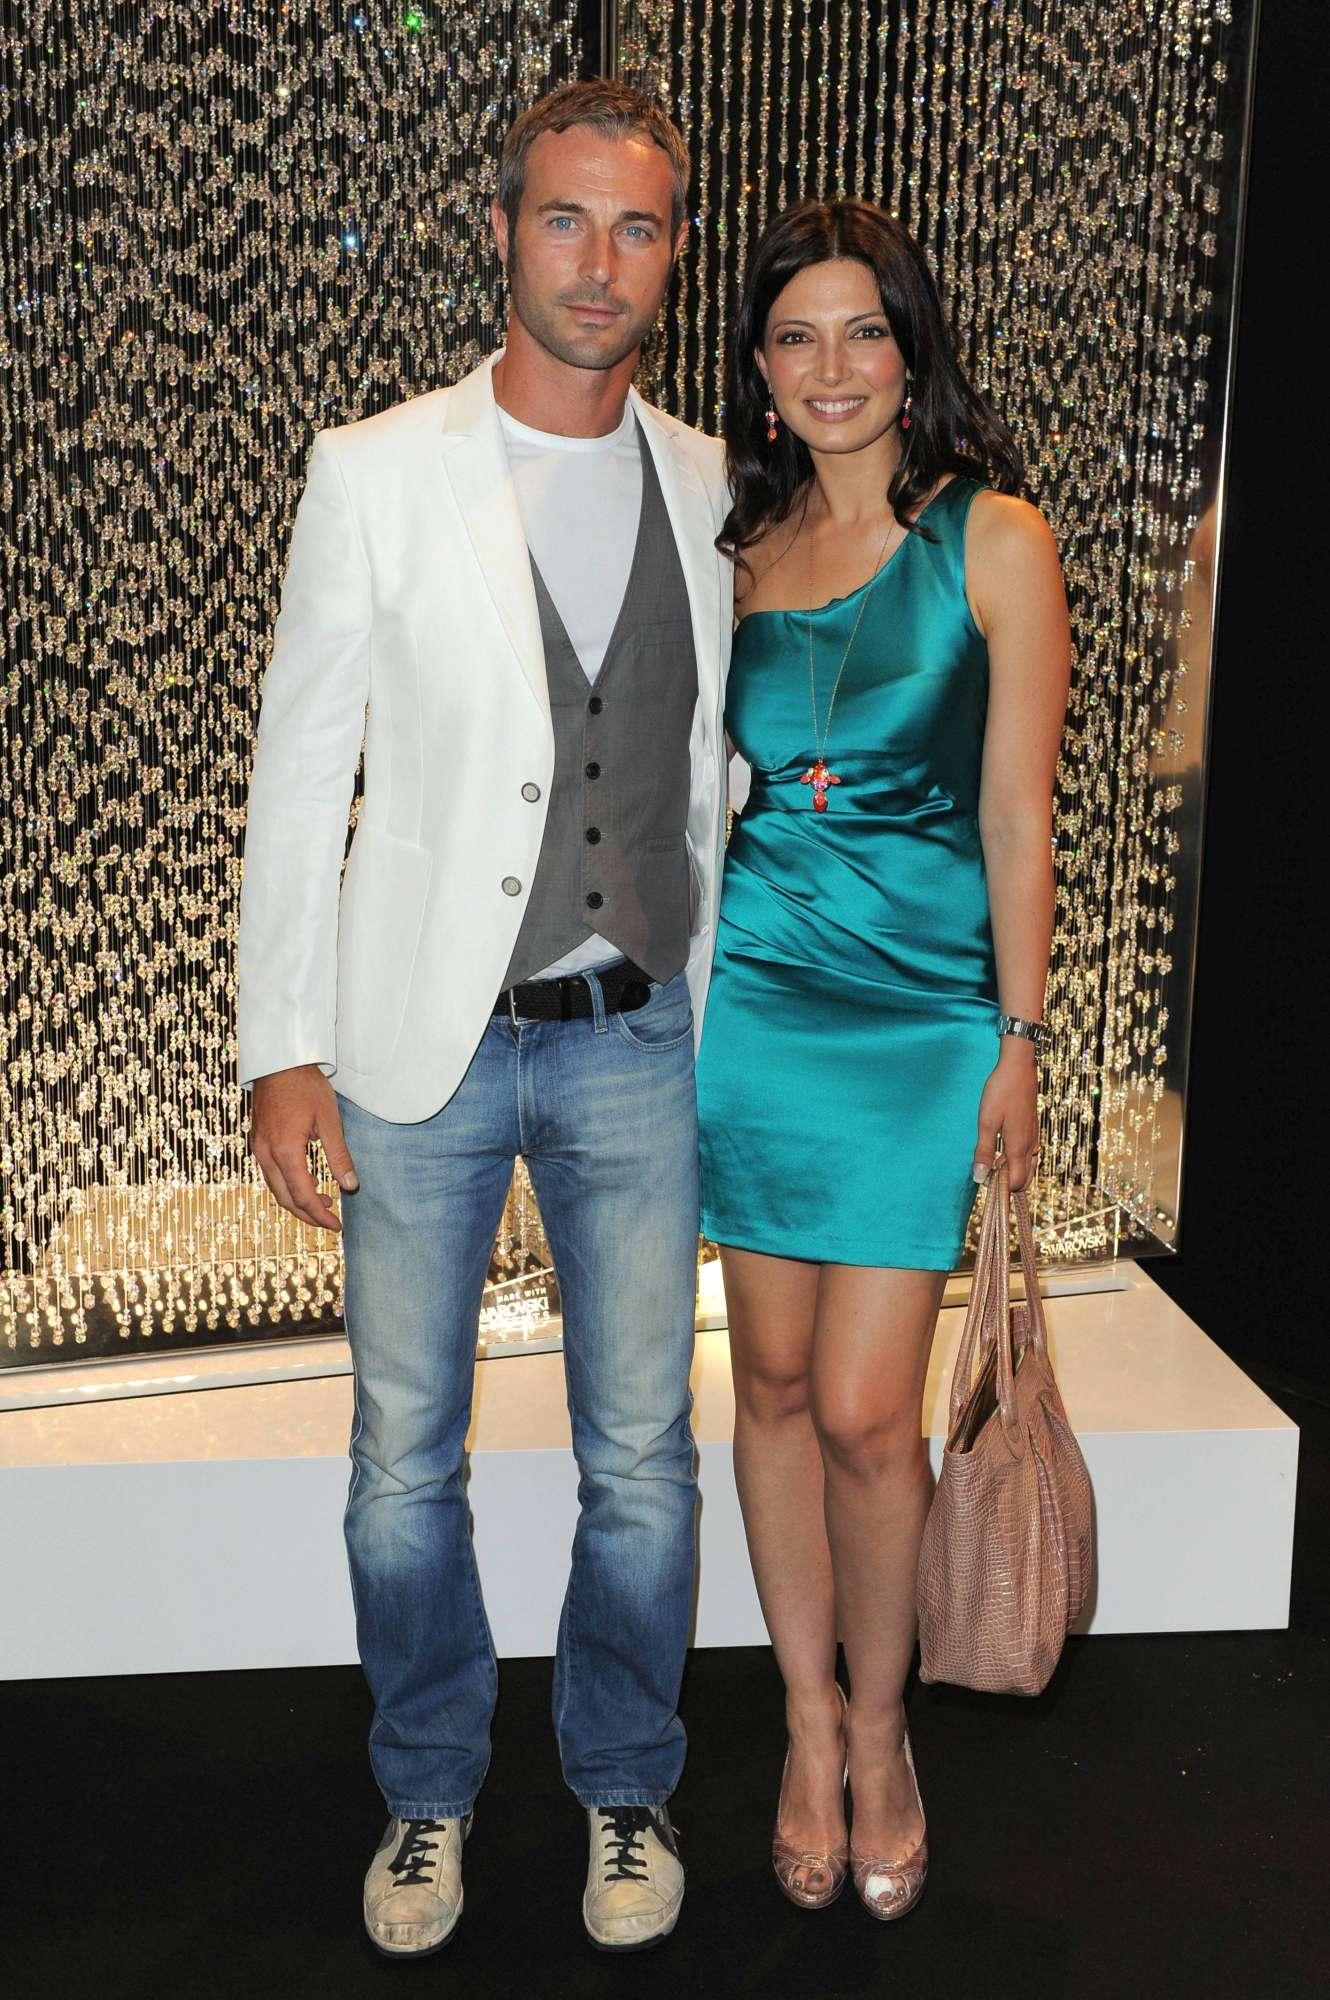 Alessia Mancini e Flavio Montrucchio, sempre più uniti e innamorati